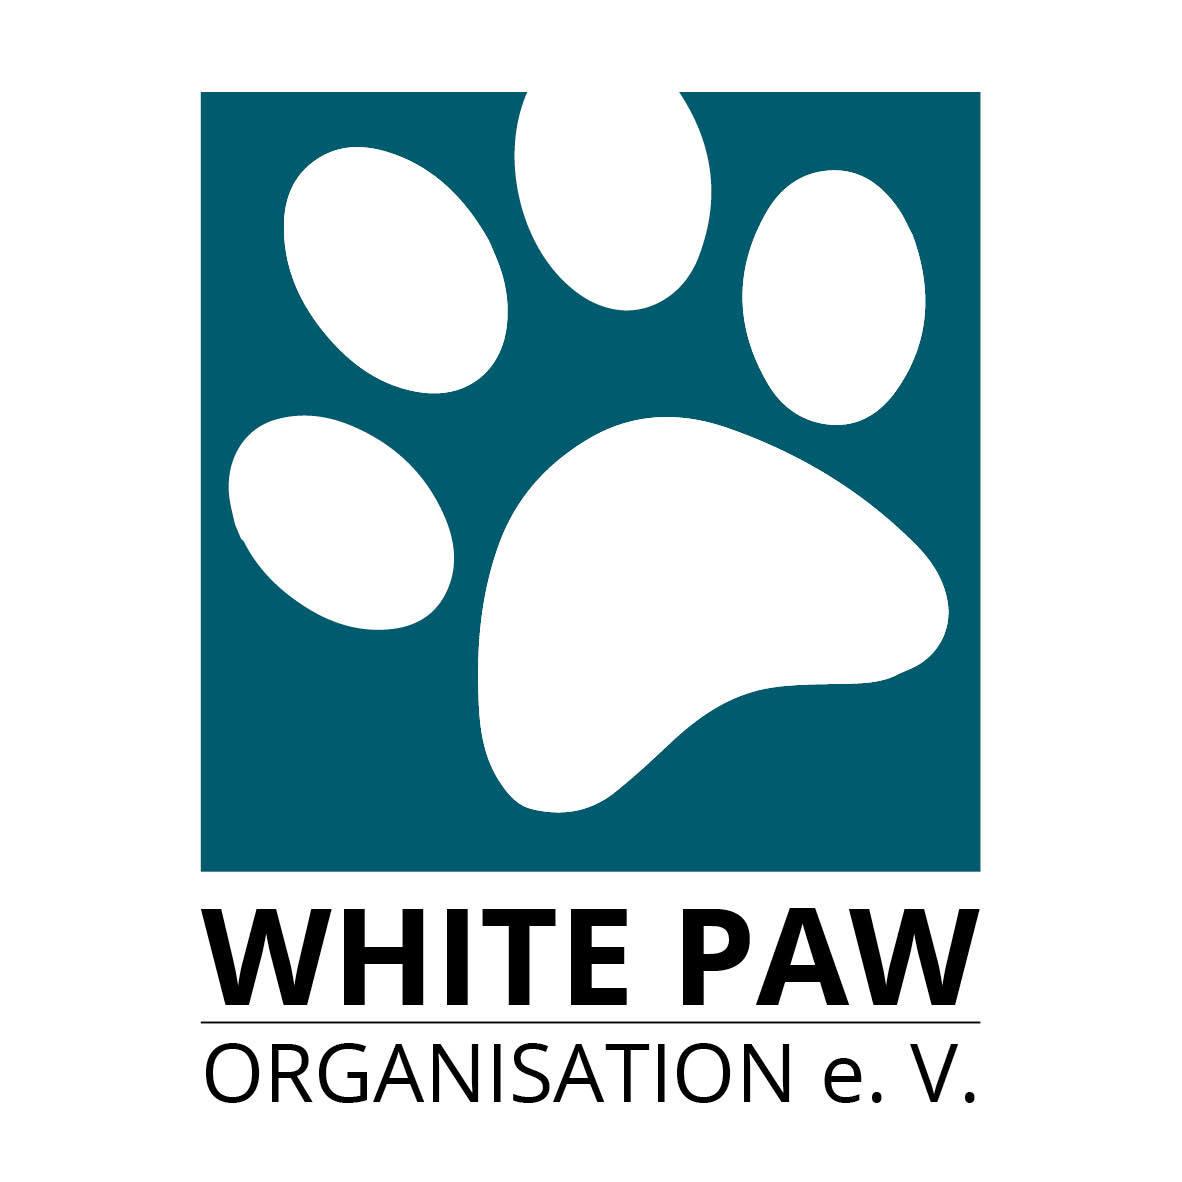 wp-logo_150ppi.jpg